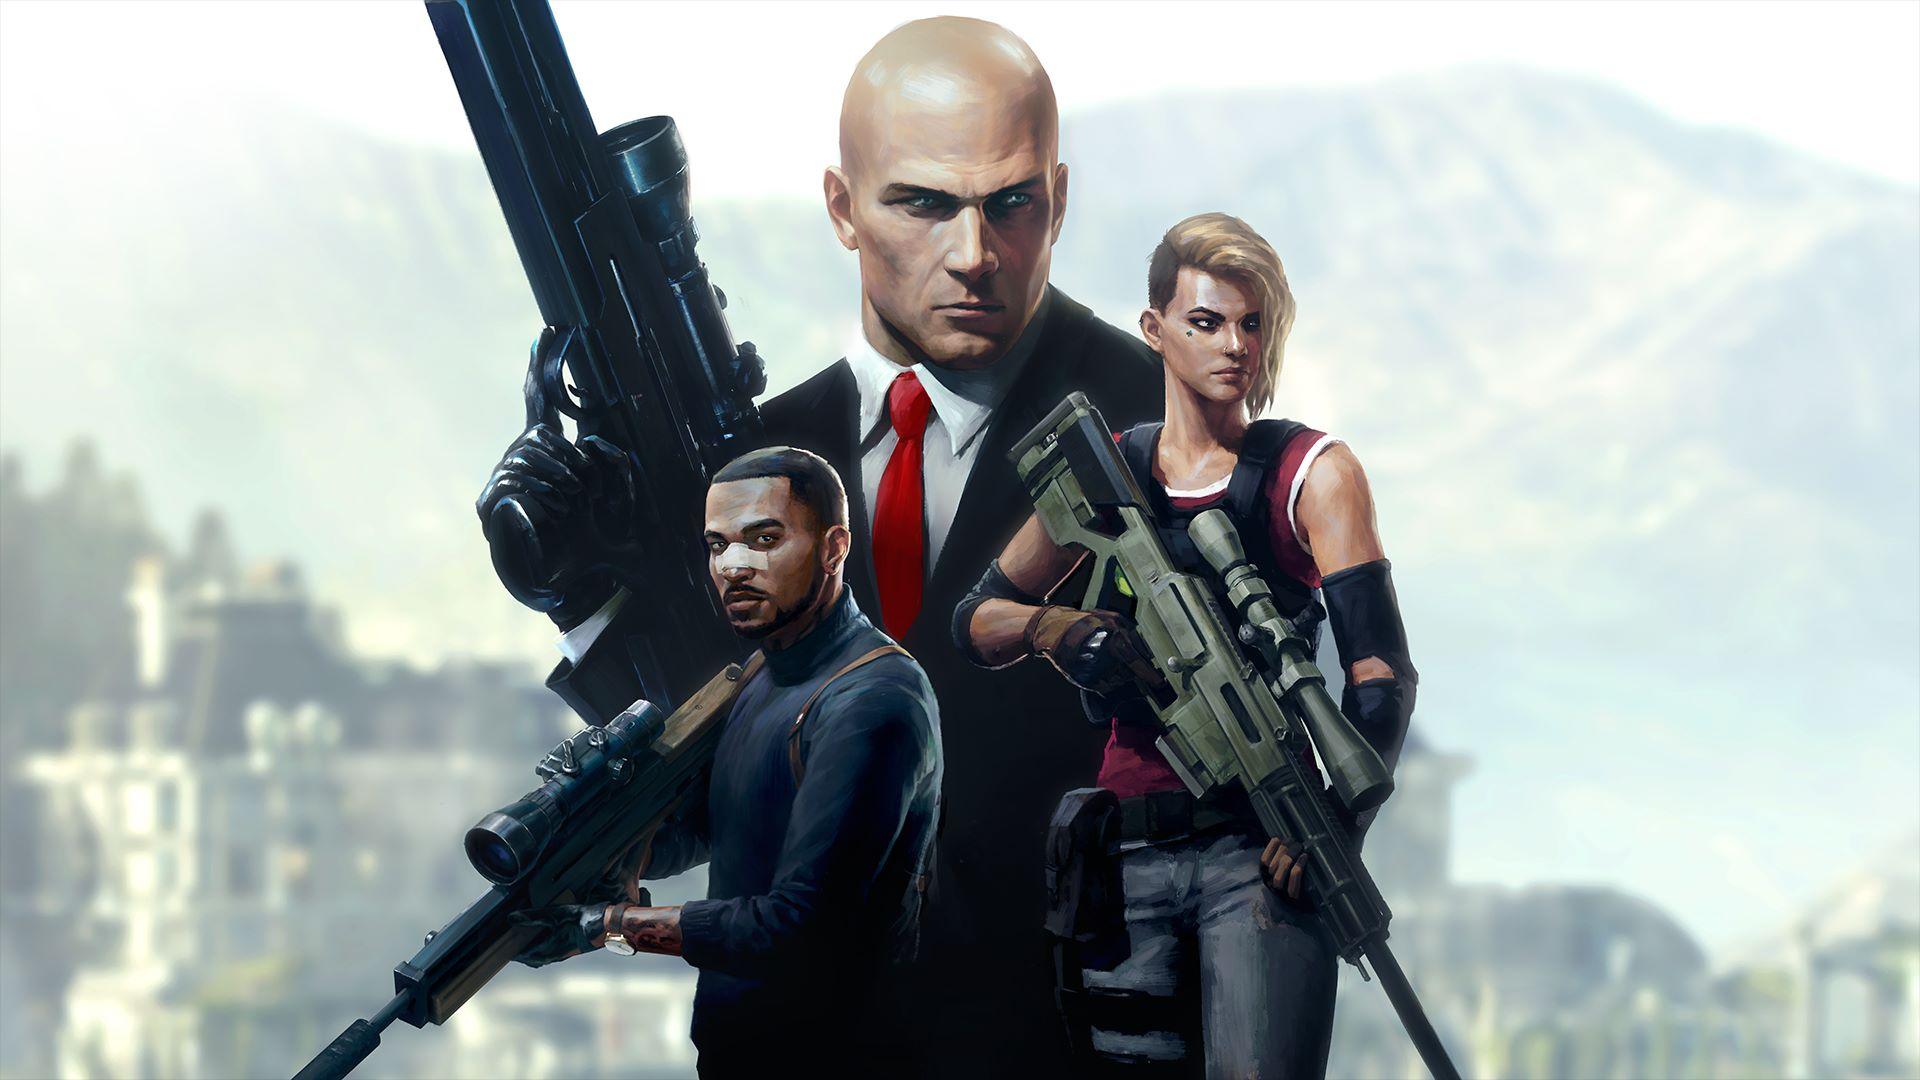 Hitman 2,game releases in november